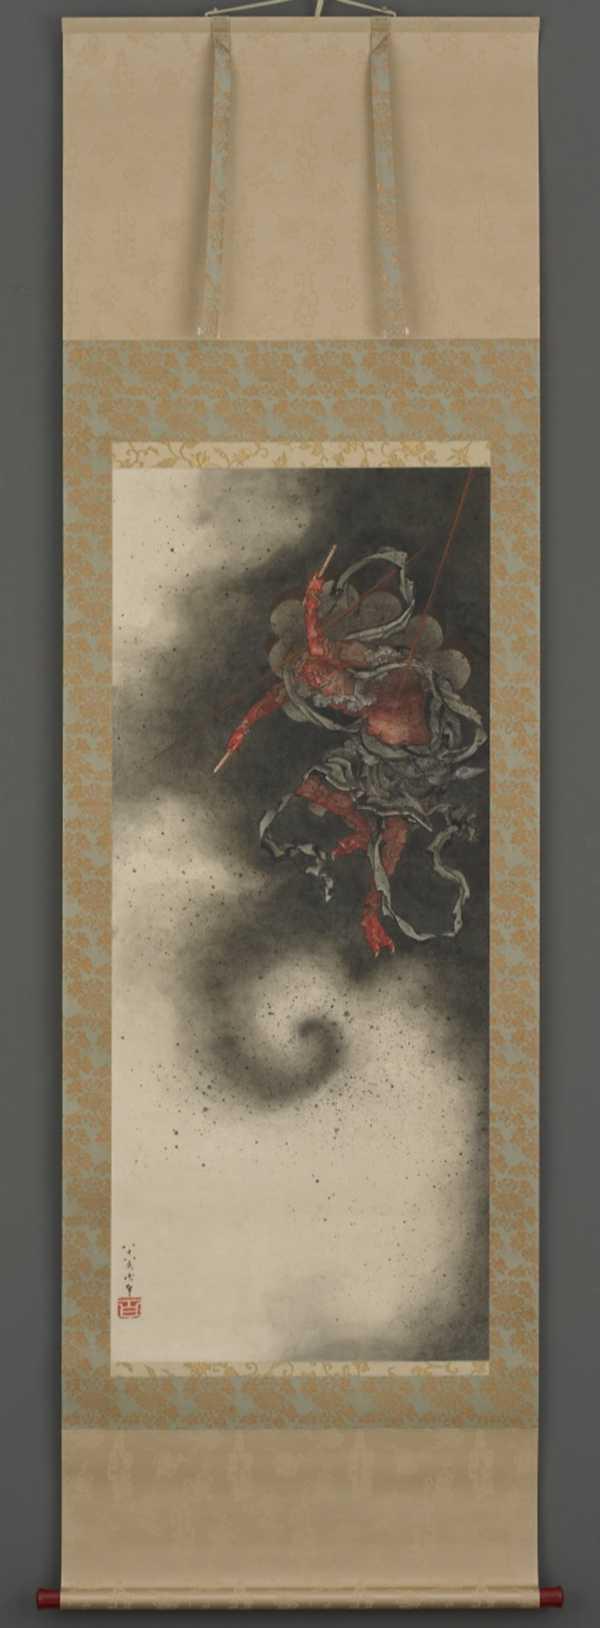 葛饰北斋绘画系列图片_WWW.66152.COM